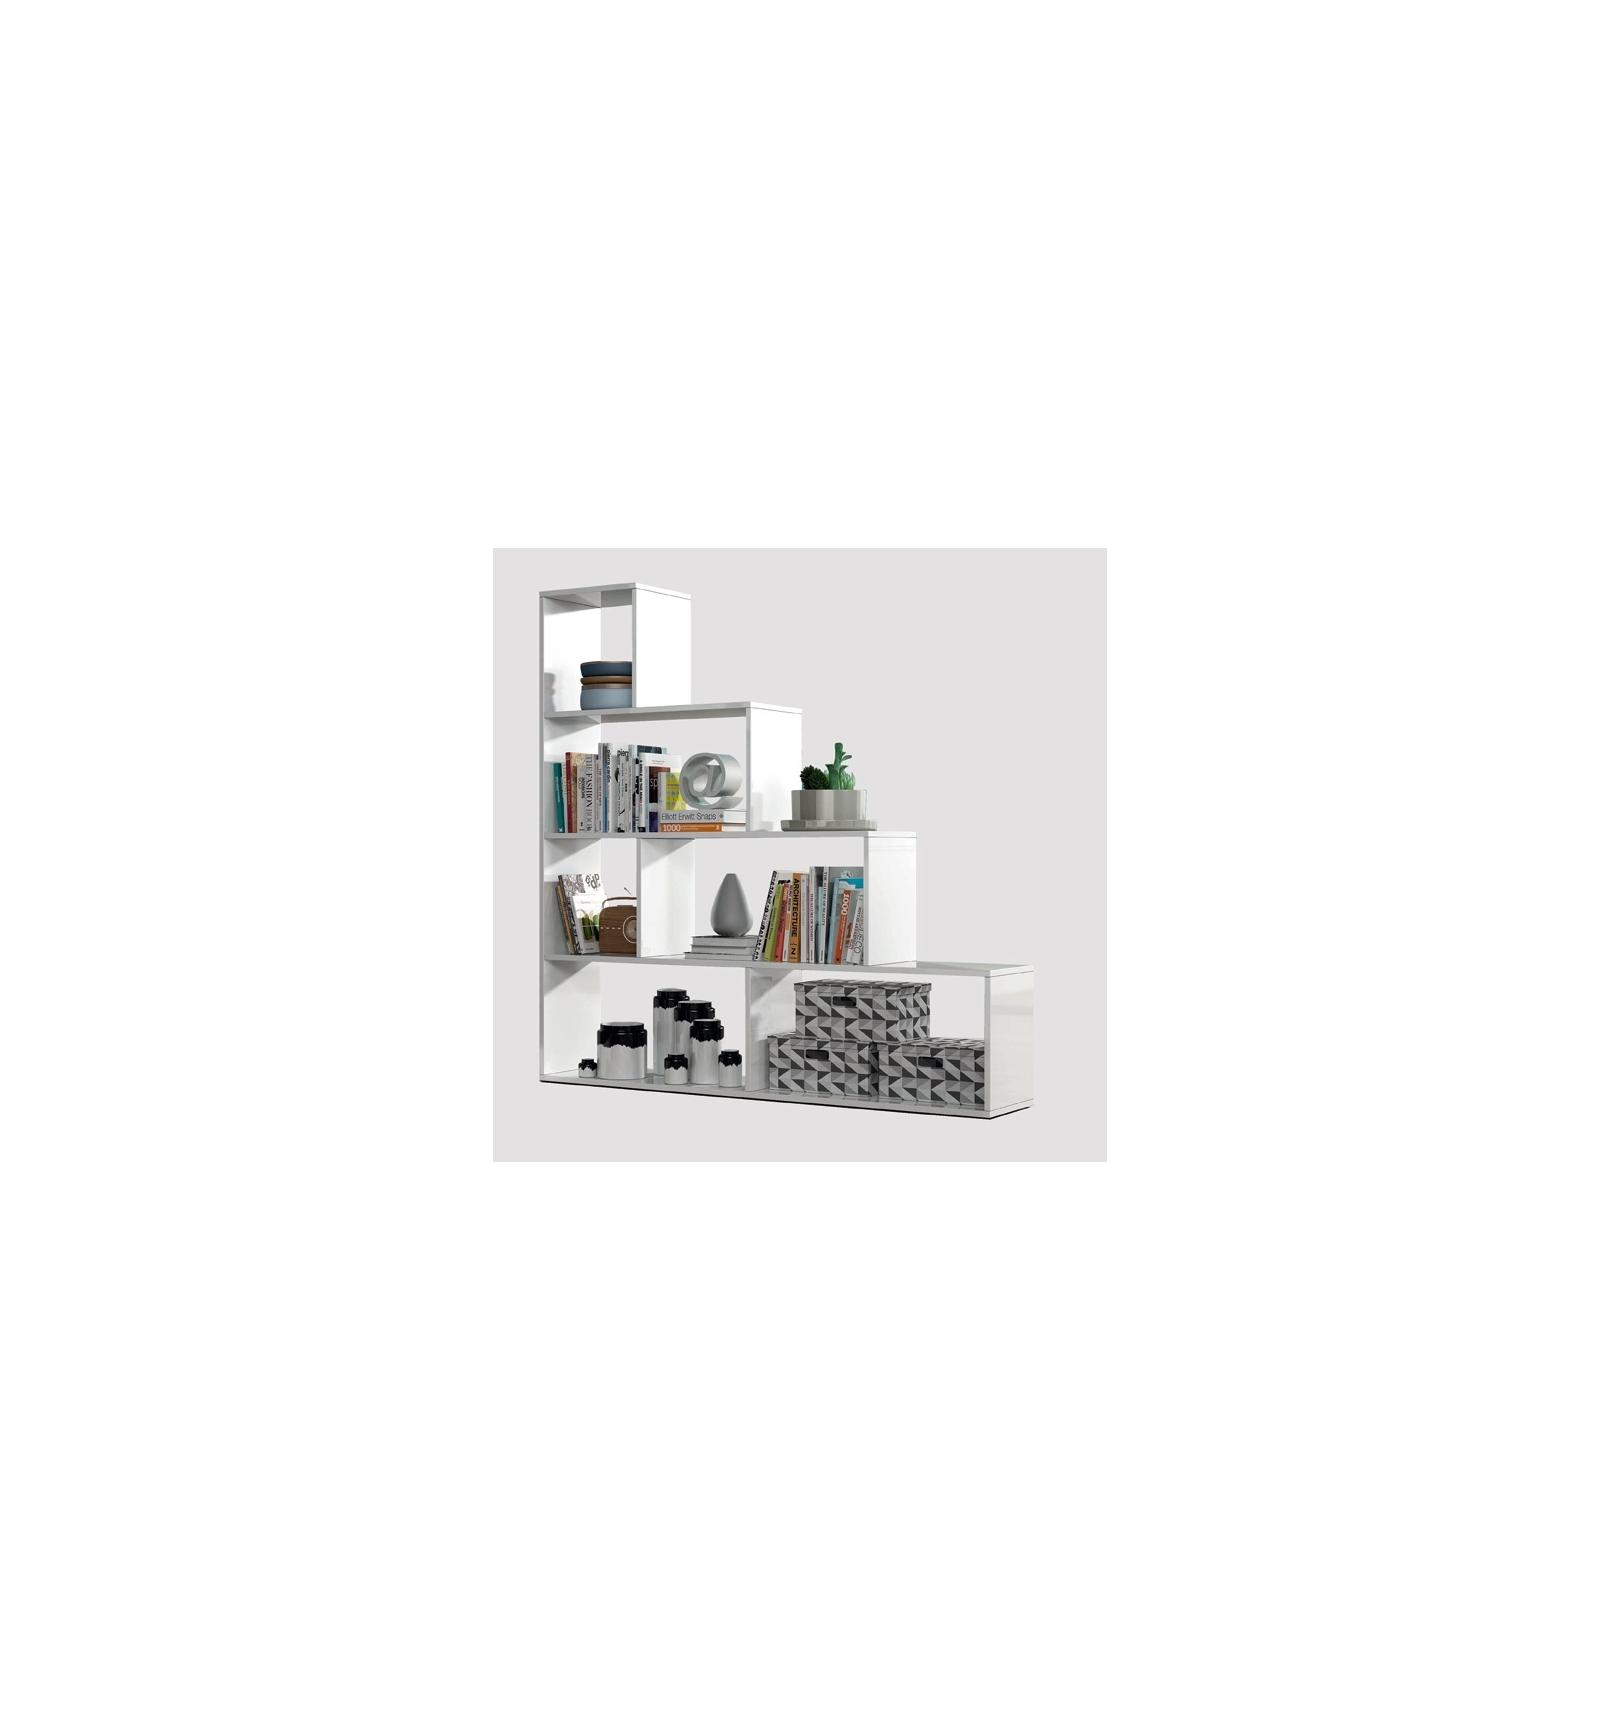 etag re moderne. Black Bedroom Furniture Sets. Home Design Ideas